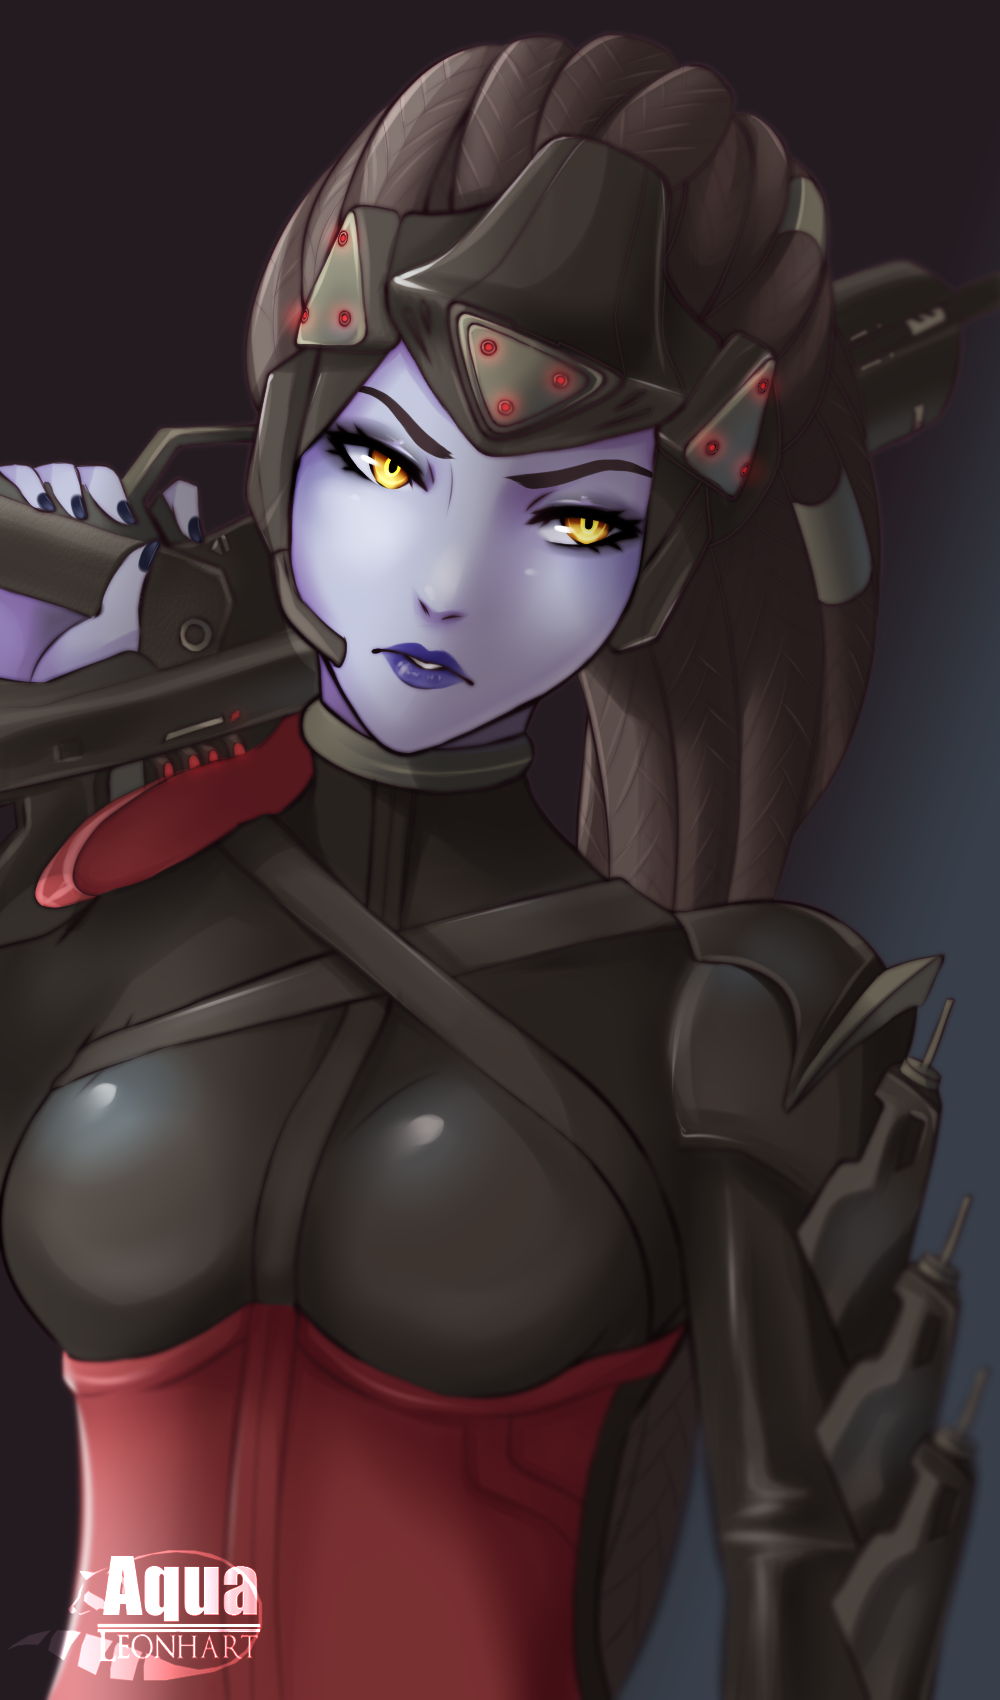 [Overwatch] Widowmaker by AquaLeonhart on DeviantArt